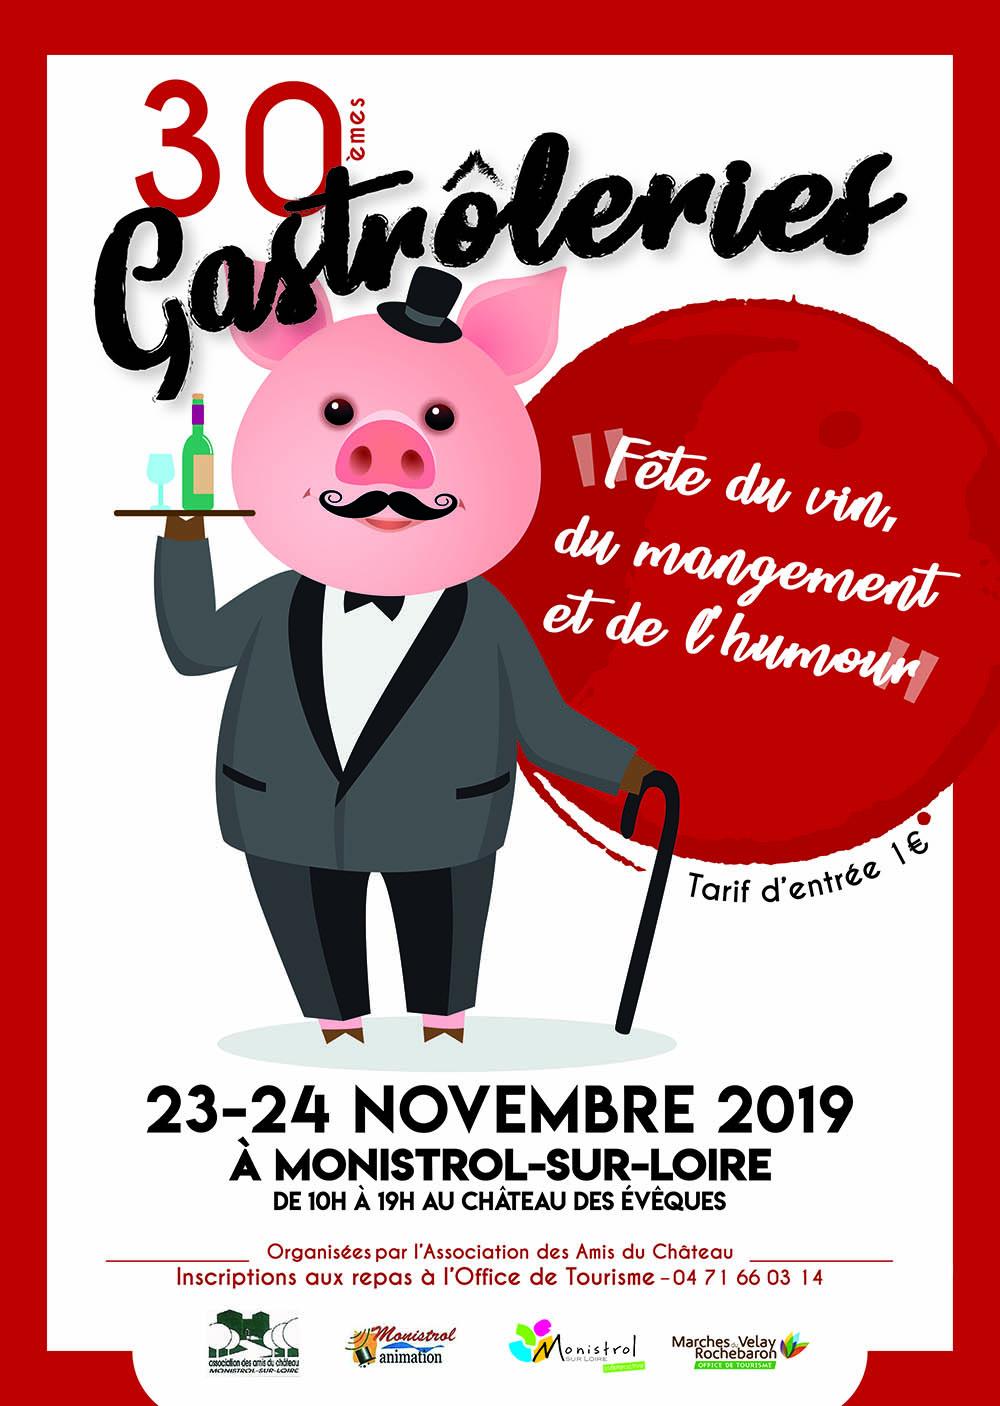 Gastrôleries 2019 Une